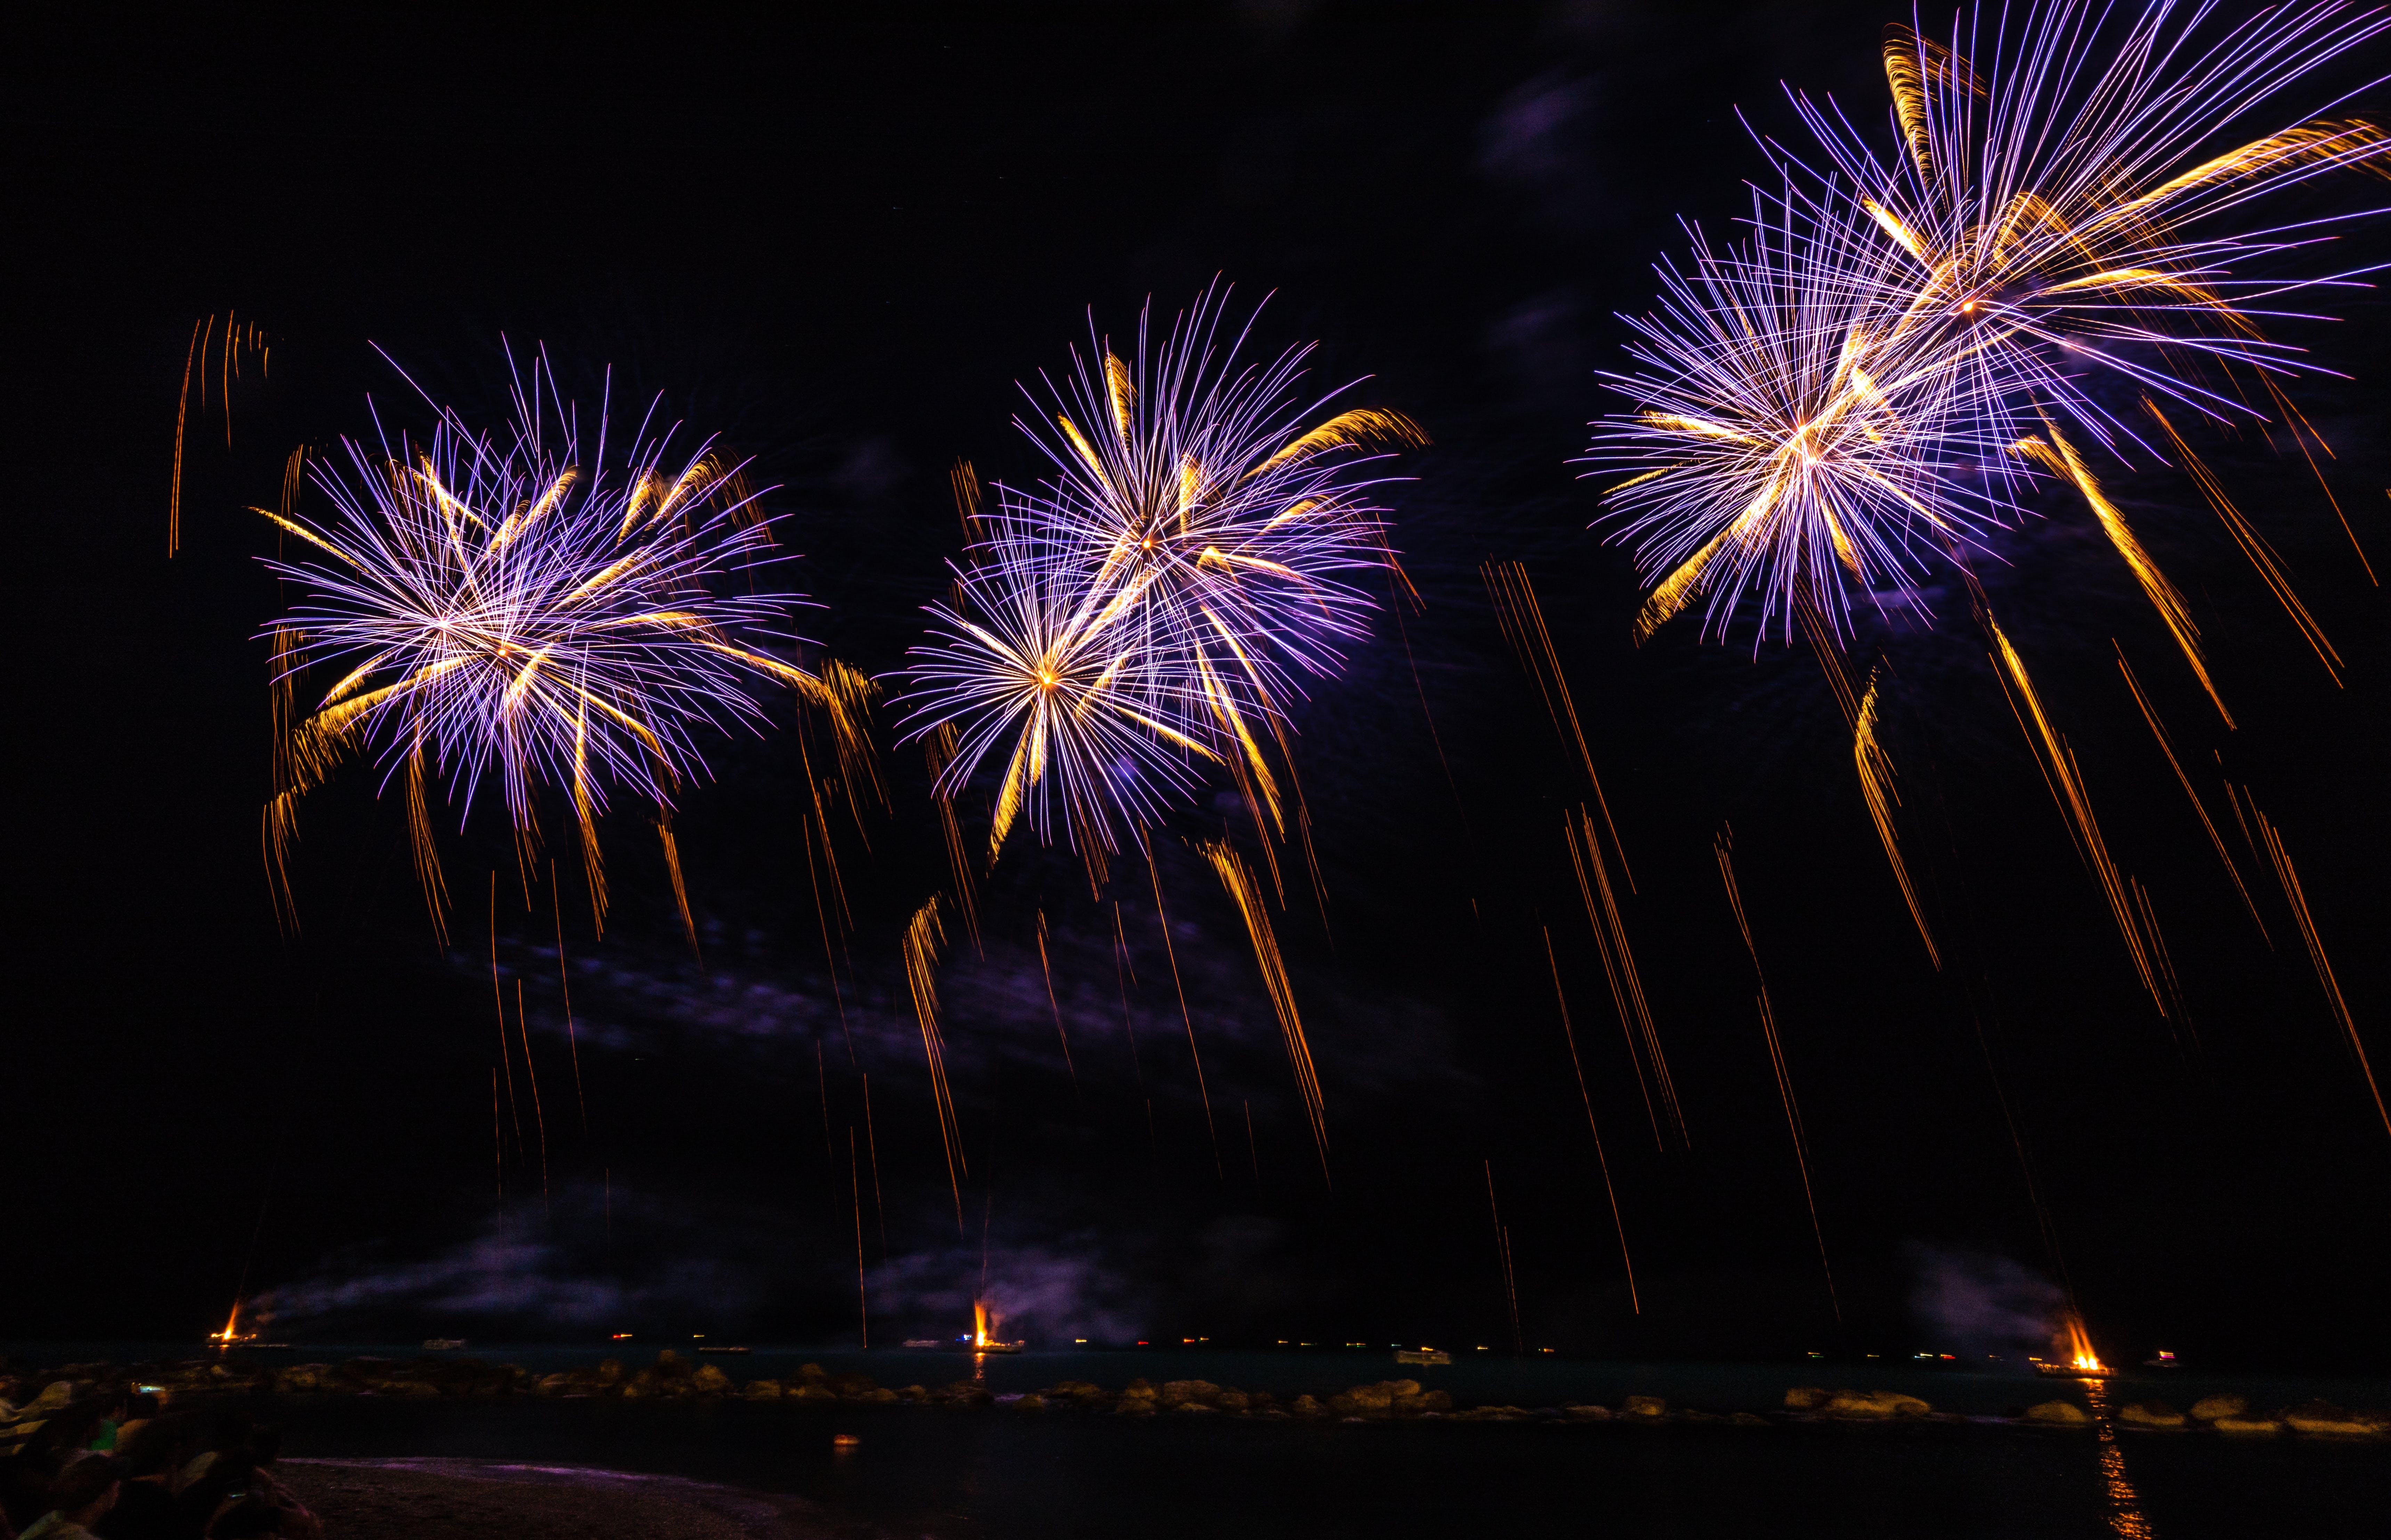 Δωρεάν στοκ φωτογραφιών με έκρηξη, εορτασμός, νέο έτος, Παραμονή Πρωτοχρονιάς